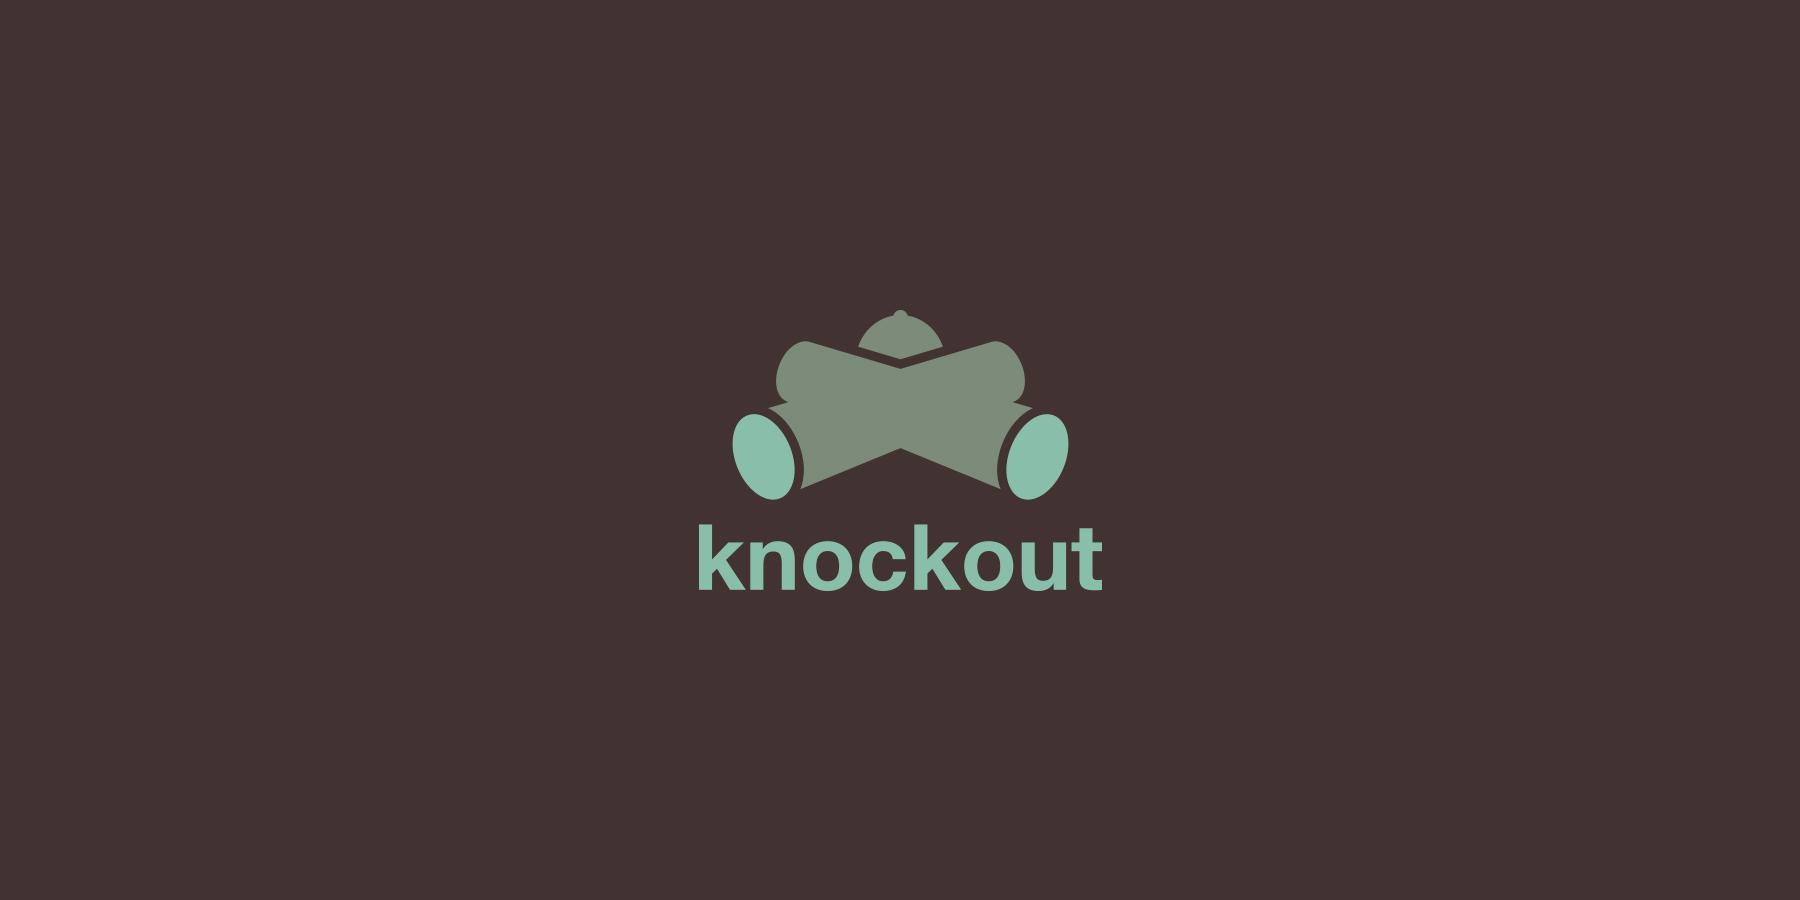 knockout-logo-design-01